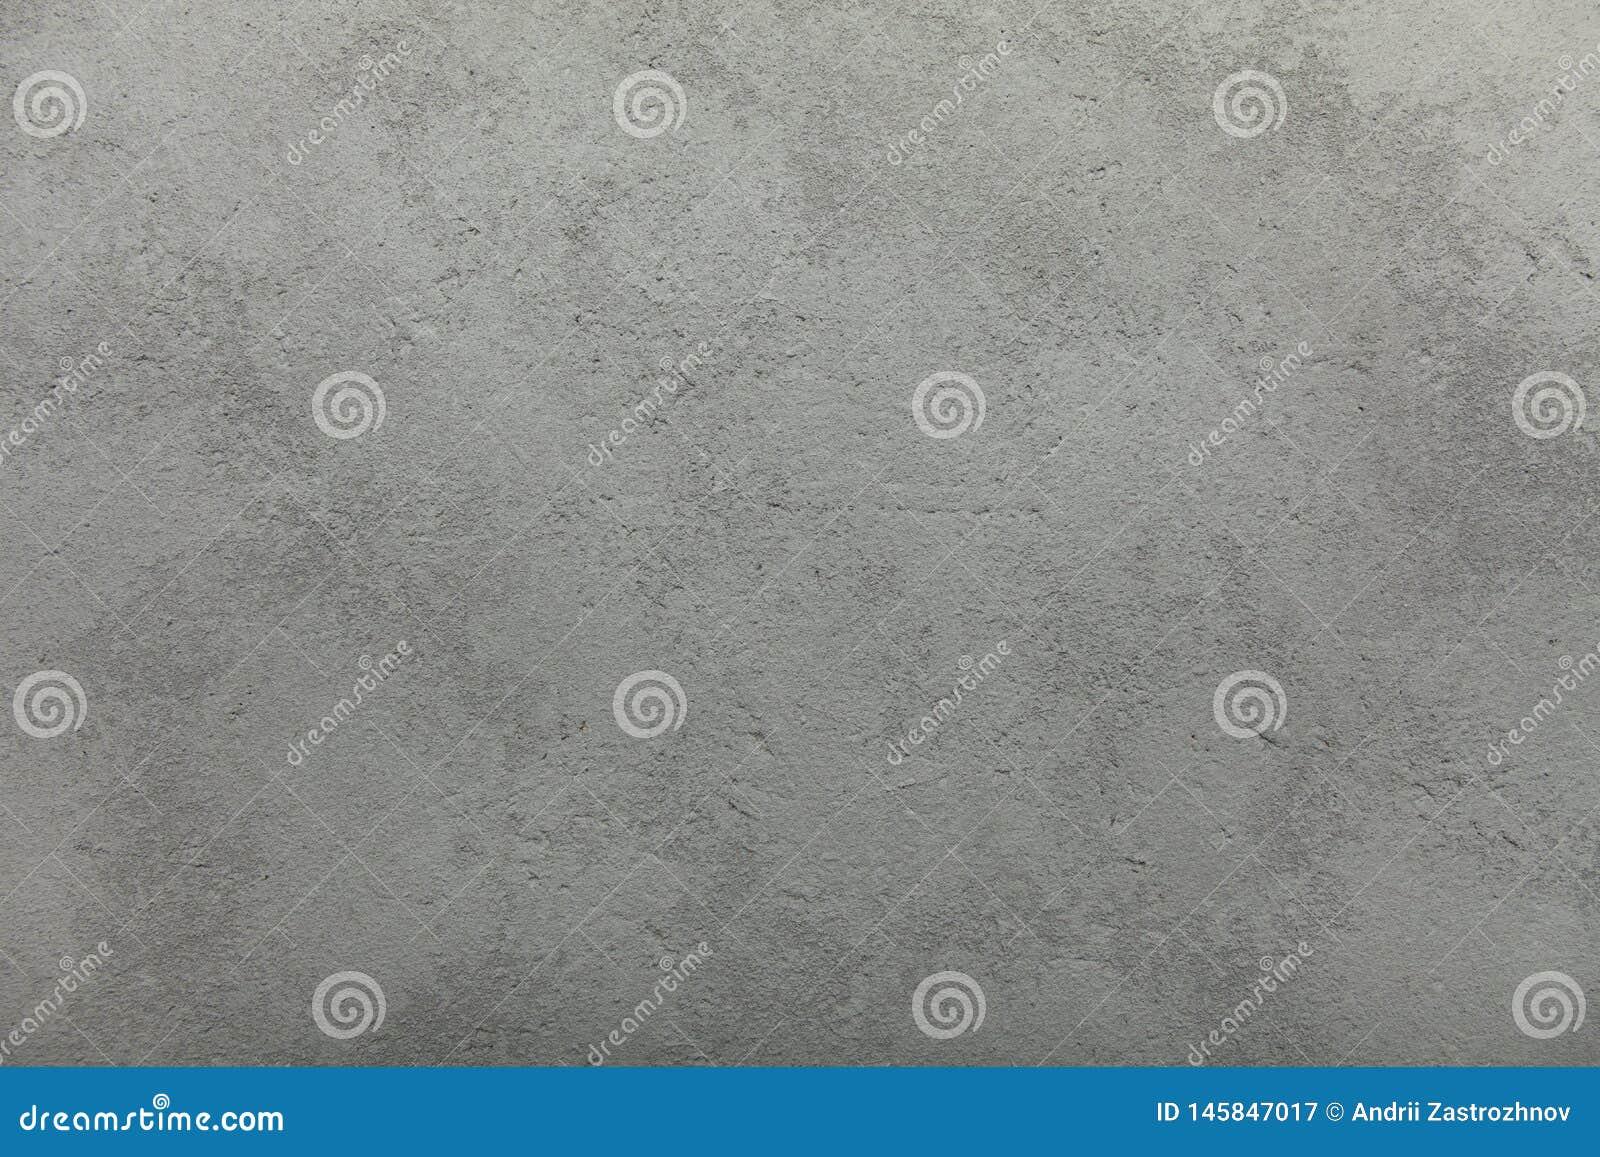 Id серый бетон как получить керамзитобетон